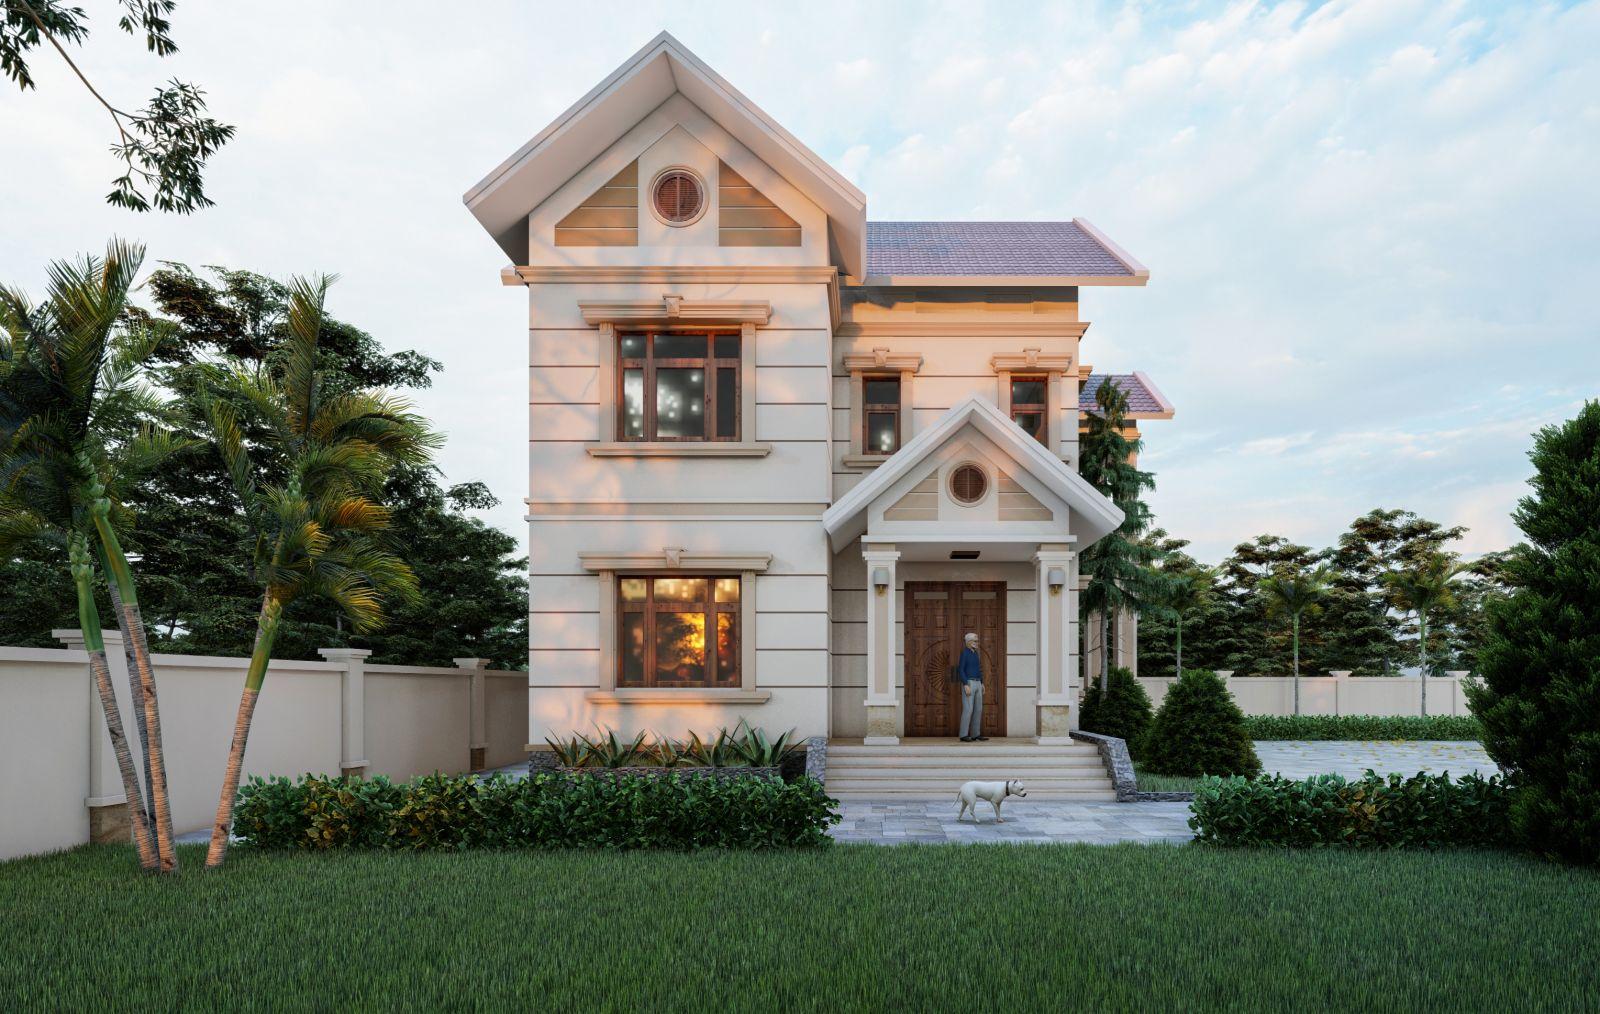 Thiết kế biệt thự 2 tầng mái thái tại Tứ Kỳ, Hải Dương